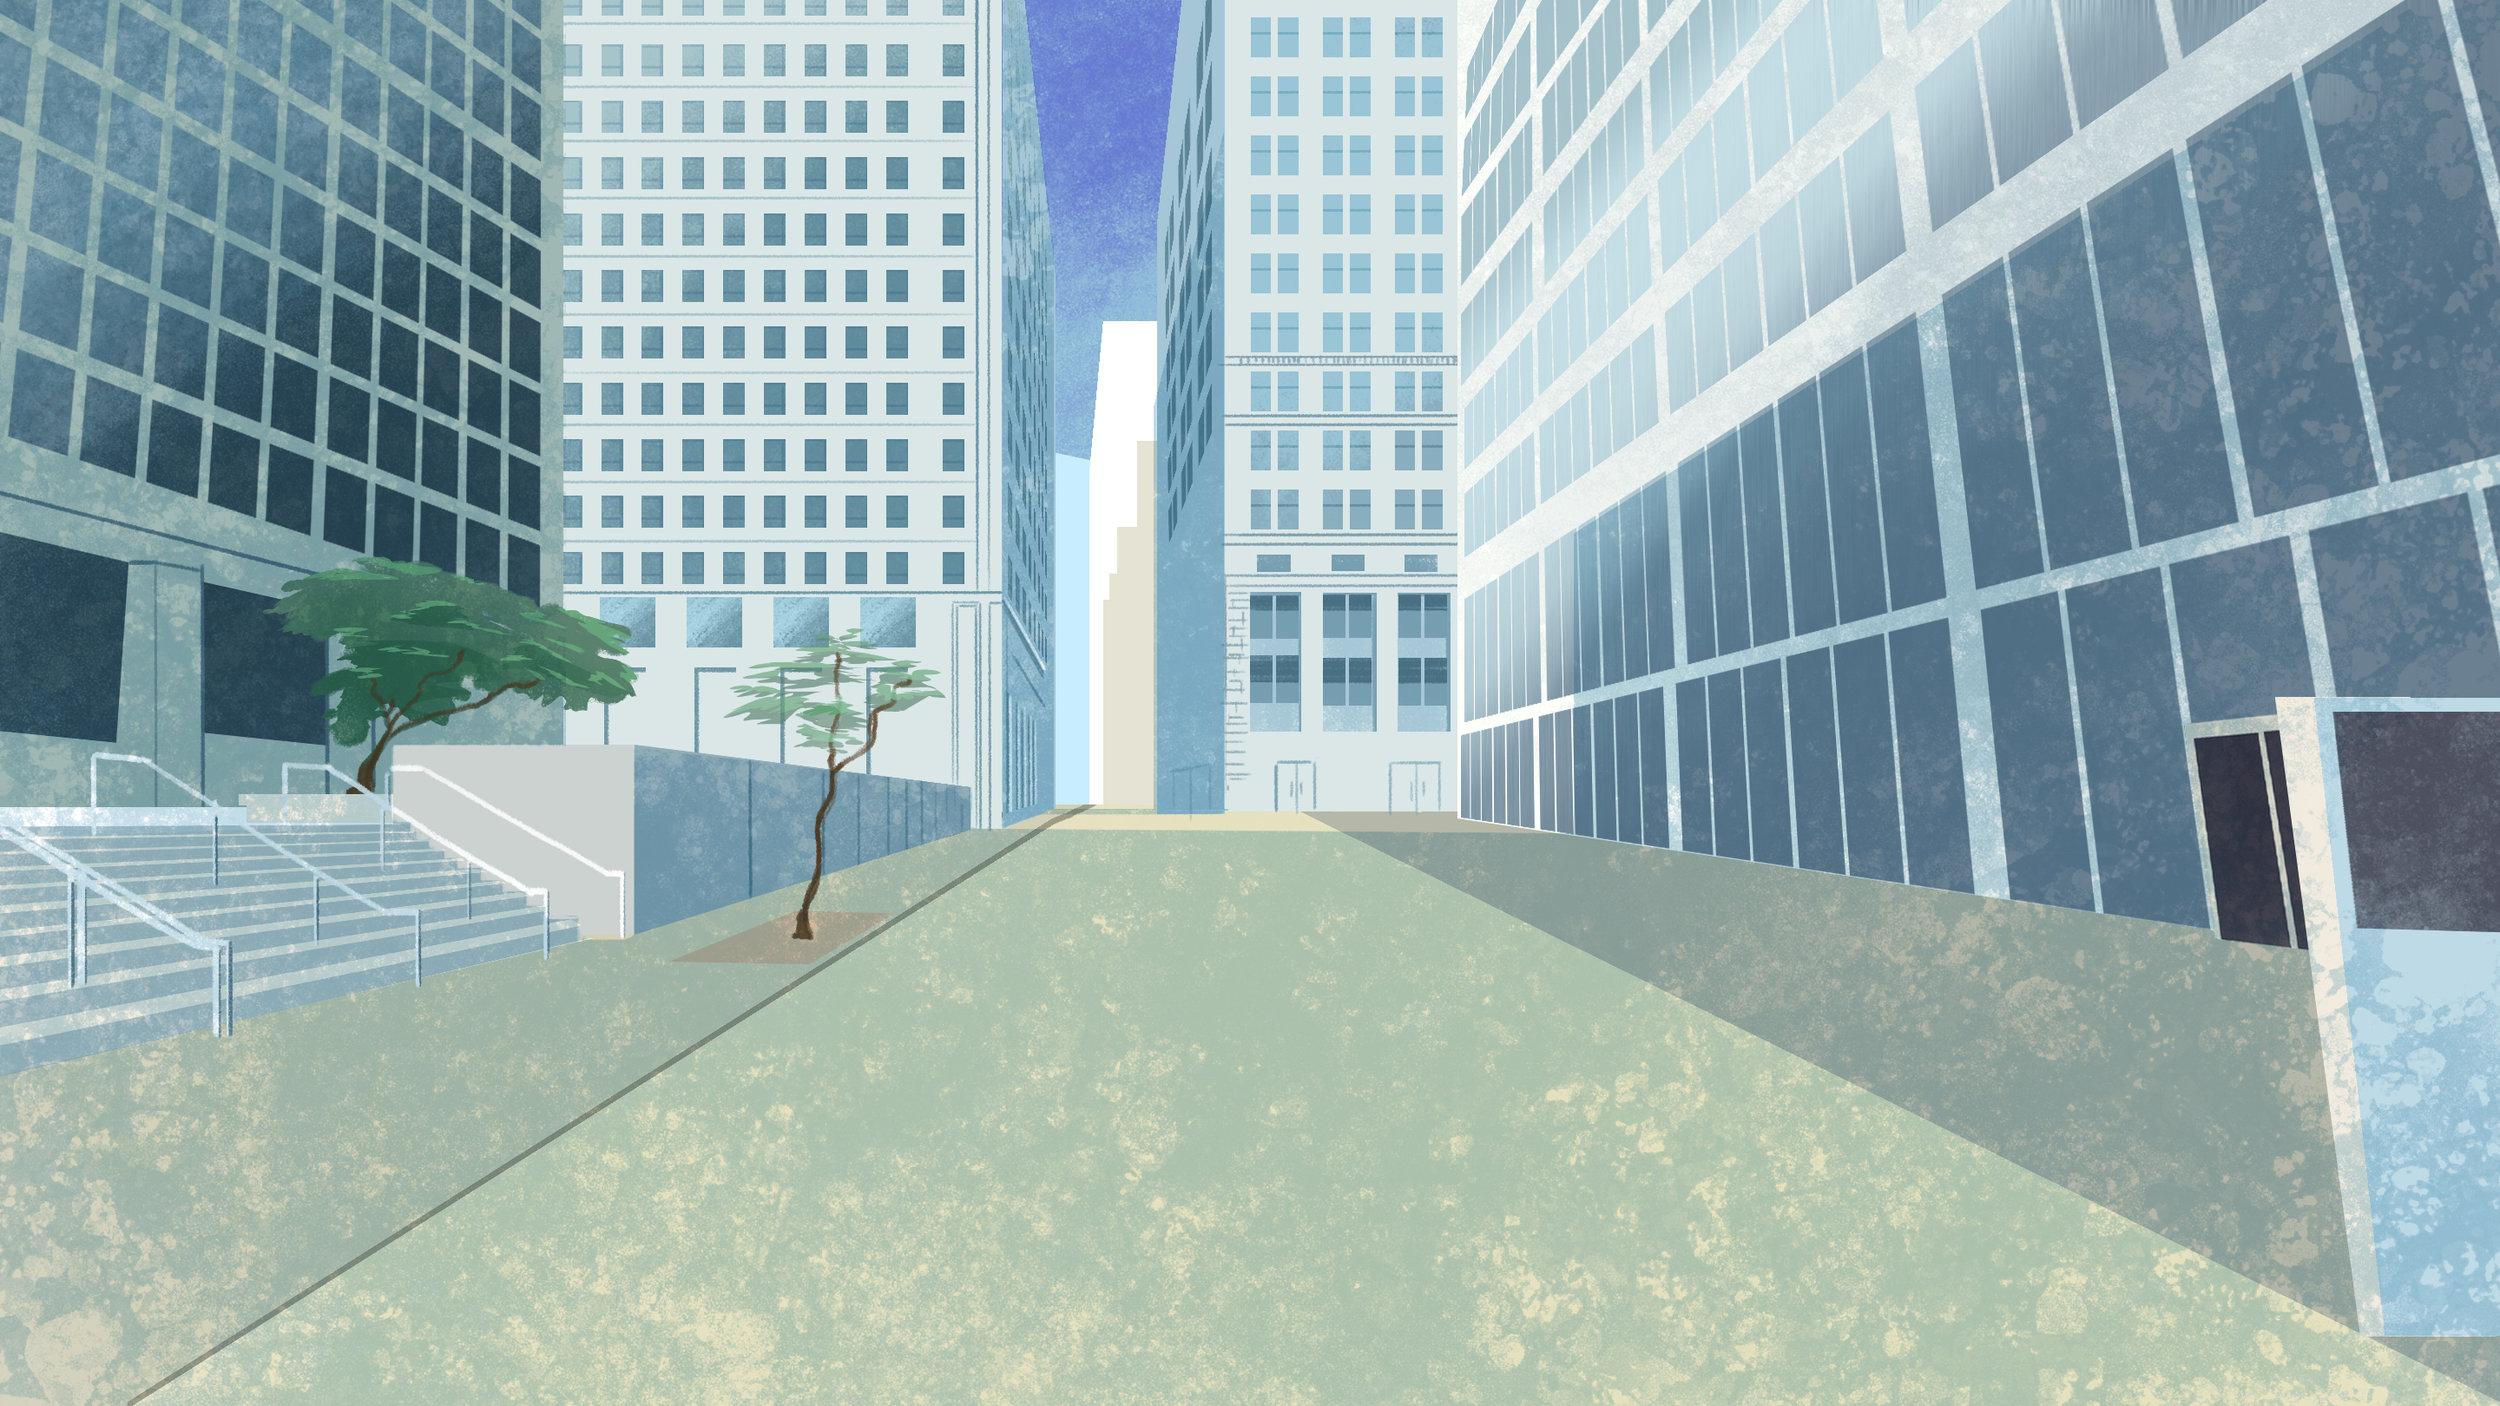 CityZoom03.jpg